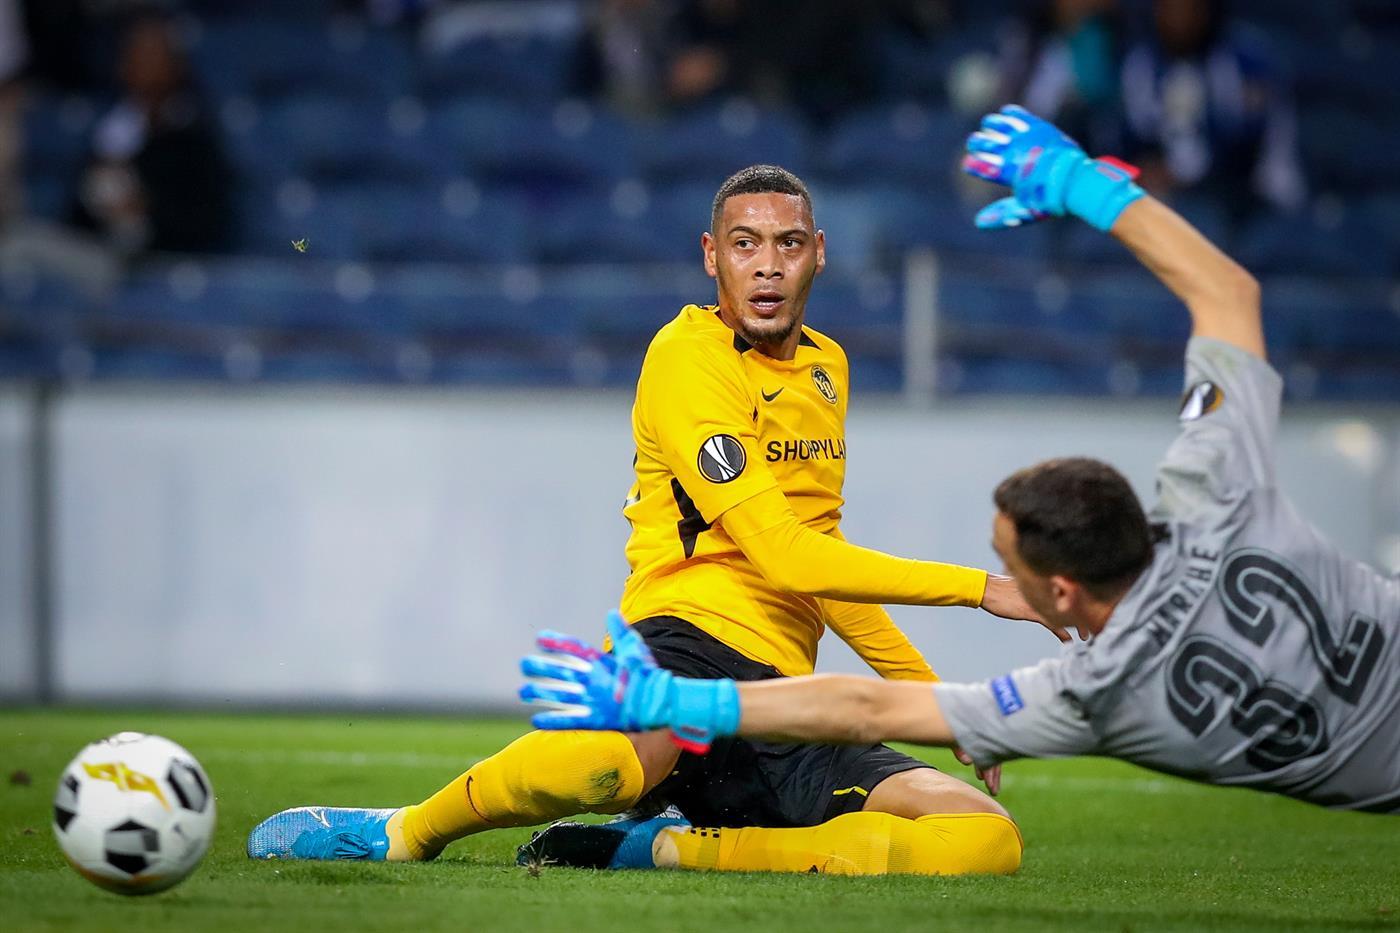 FC Porto um a um:  dois gritos de Soares com eco estrondoso